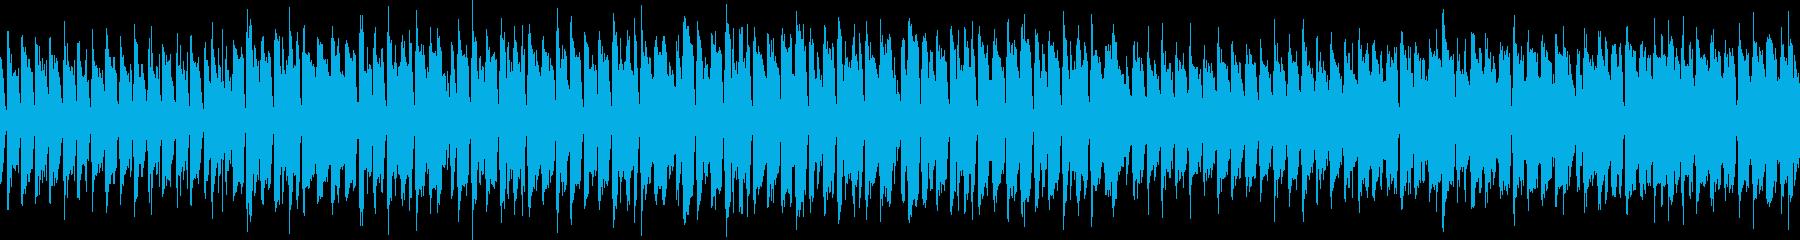 ループ 元気なアイリッシュの再生済みの波形